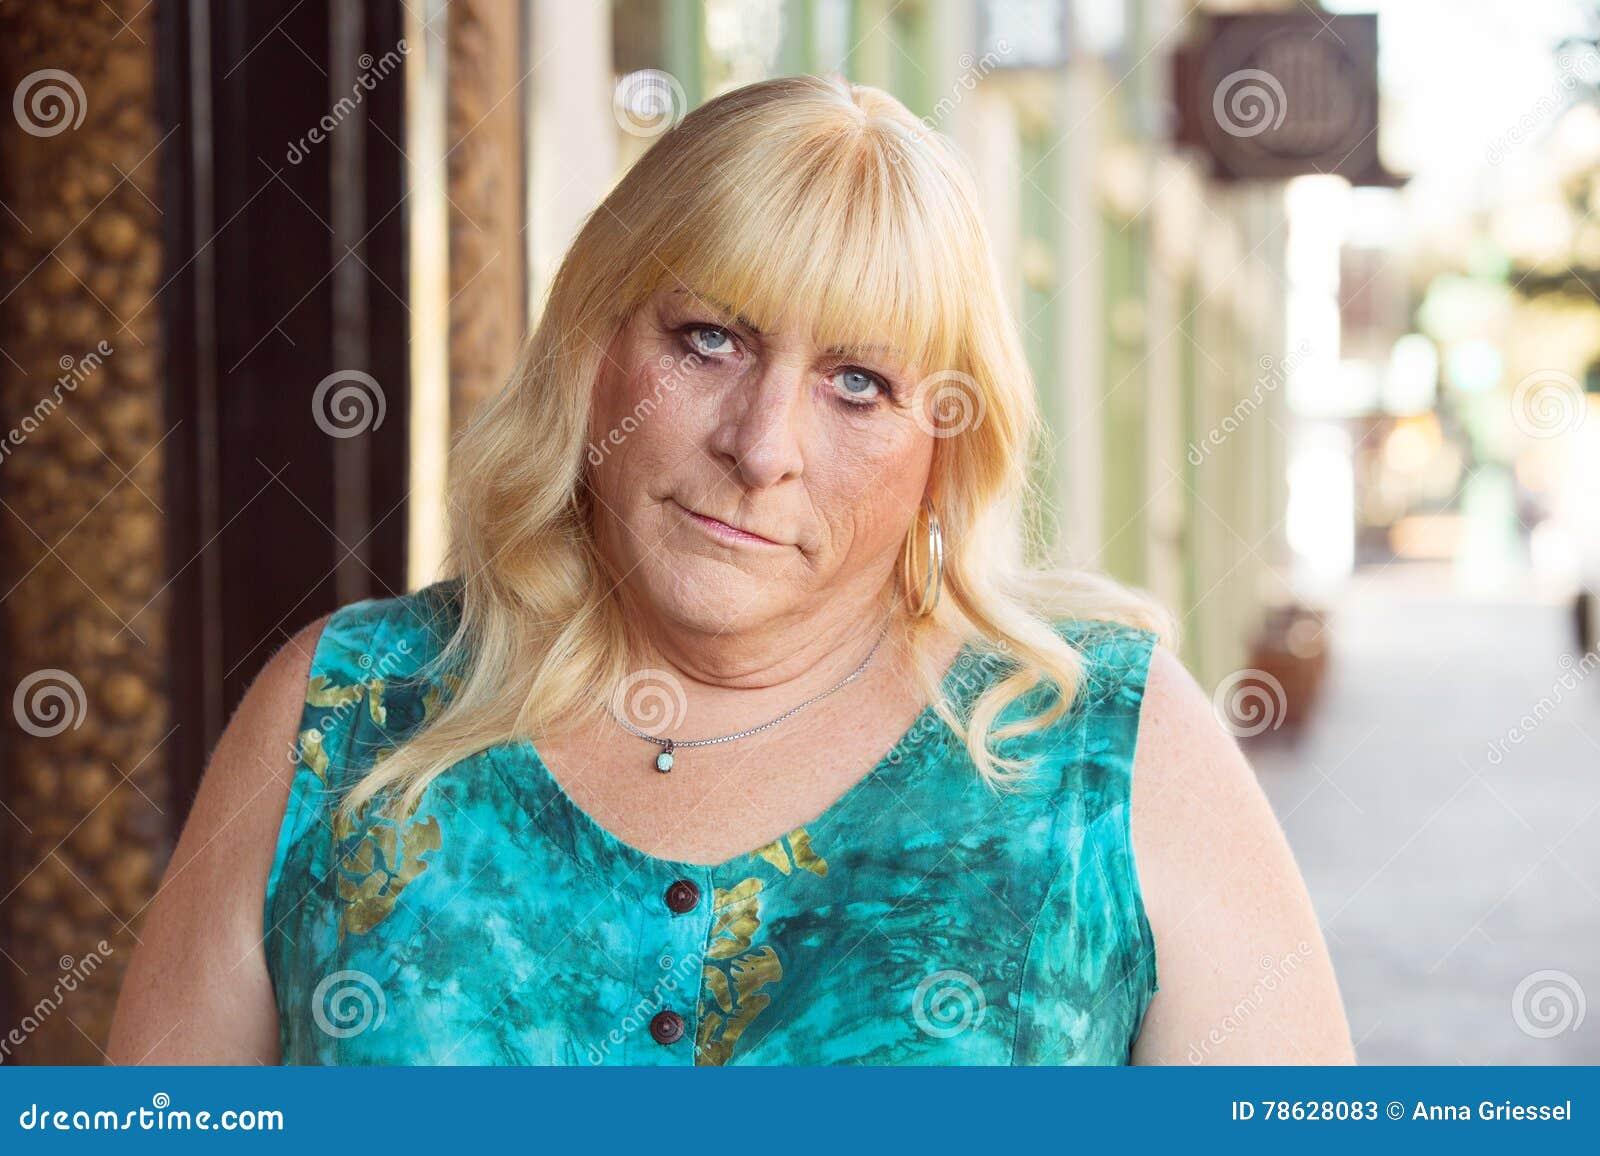 Transgender dating donna